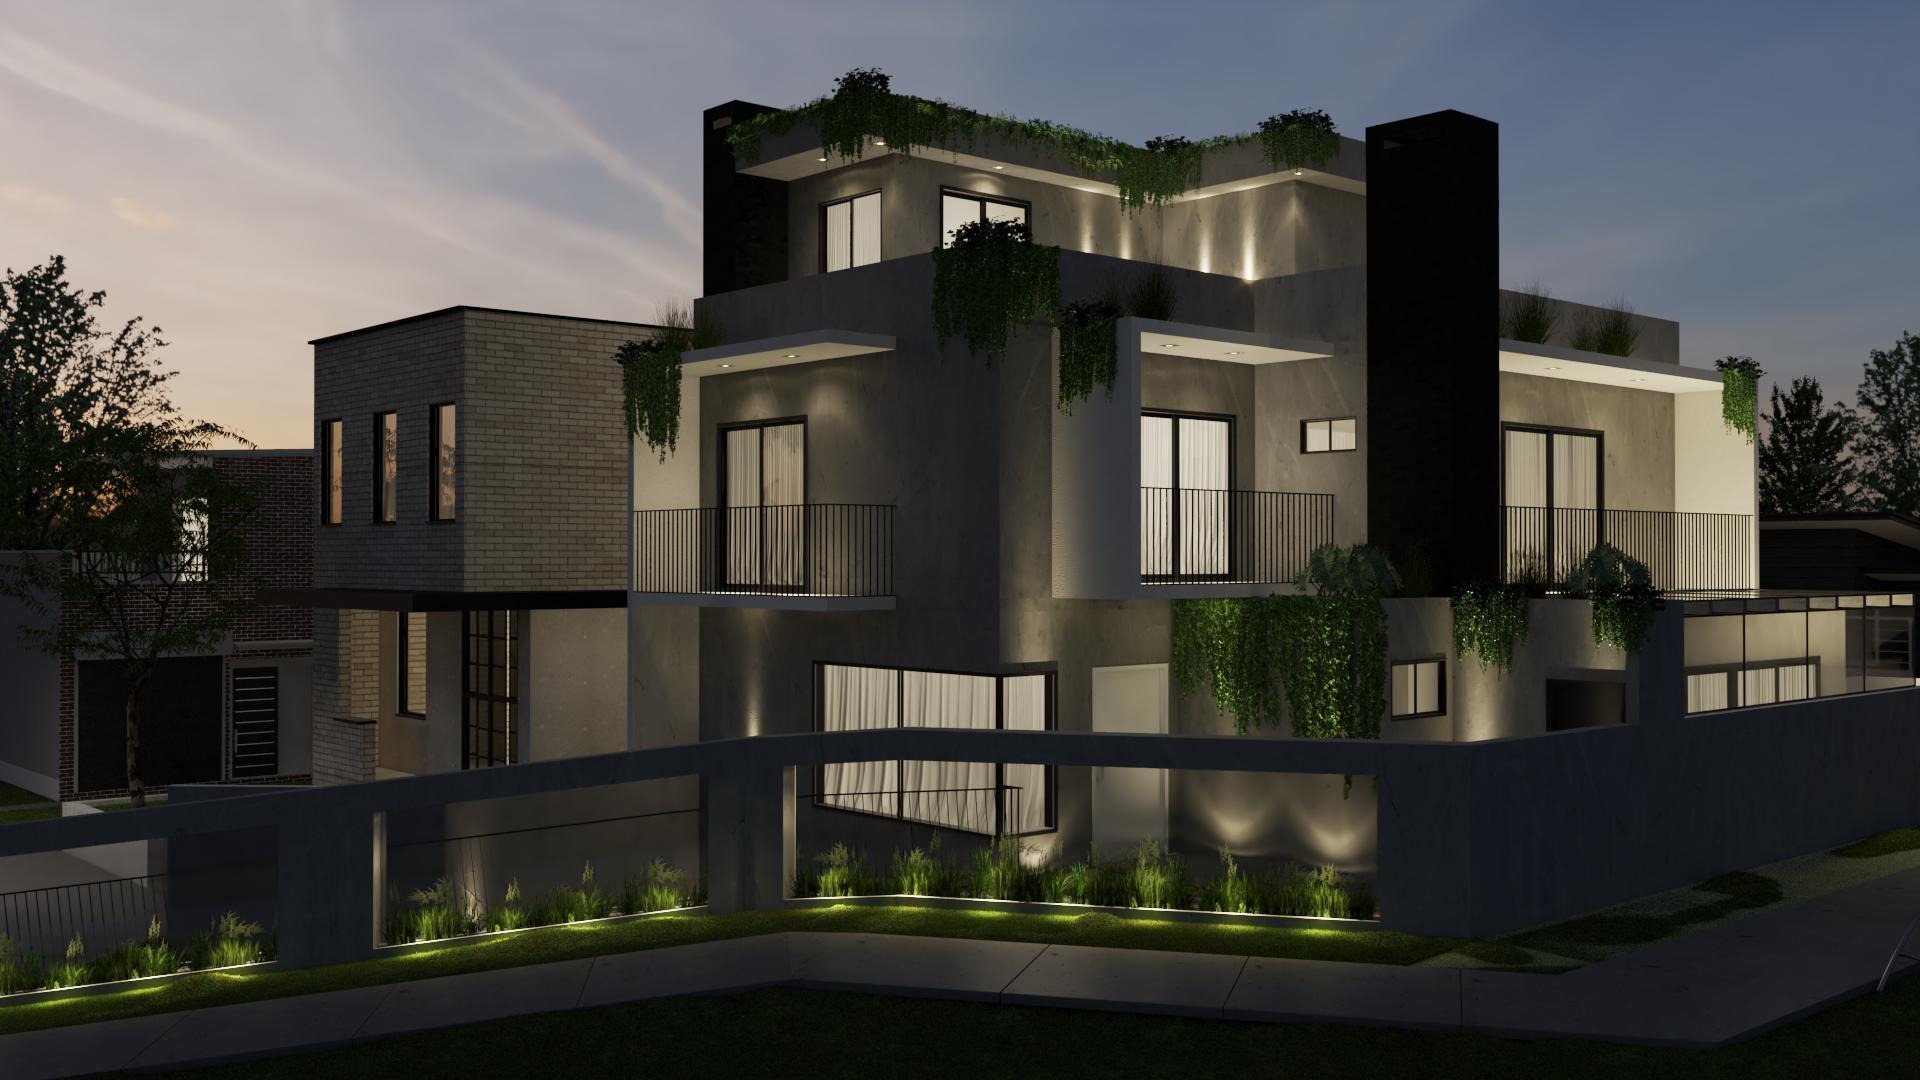 fachadas de casas modernas -casas-modernas-fachada-projetos-casas-modernas-decoracao-de-casa-casas-modernas-decoradas-fotos-murilo-zadulski-interiores 2